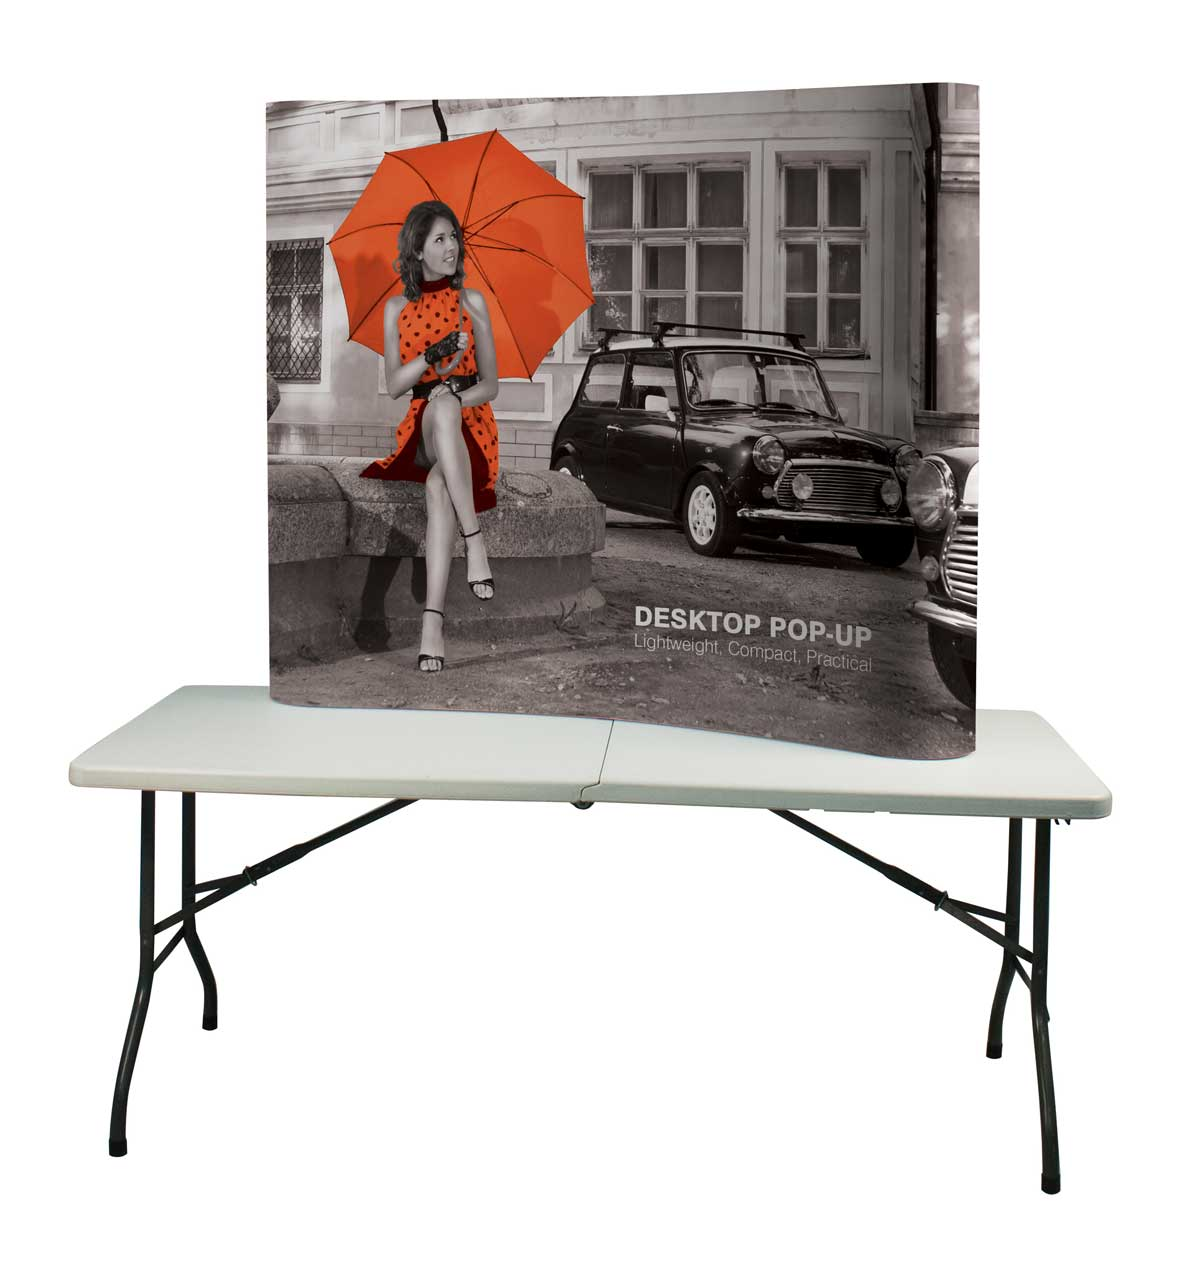 Exhibition Stand Table : Desktop pop up stands rgl displays ltd